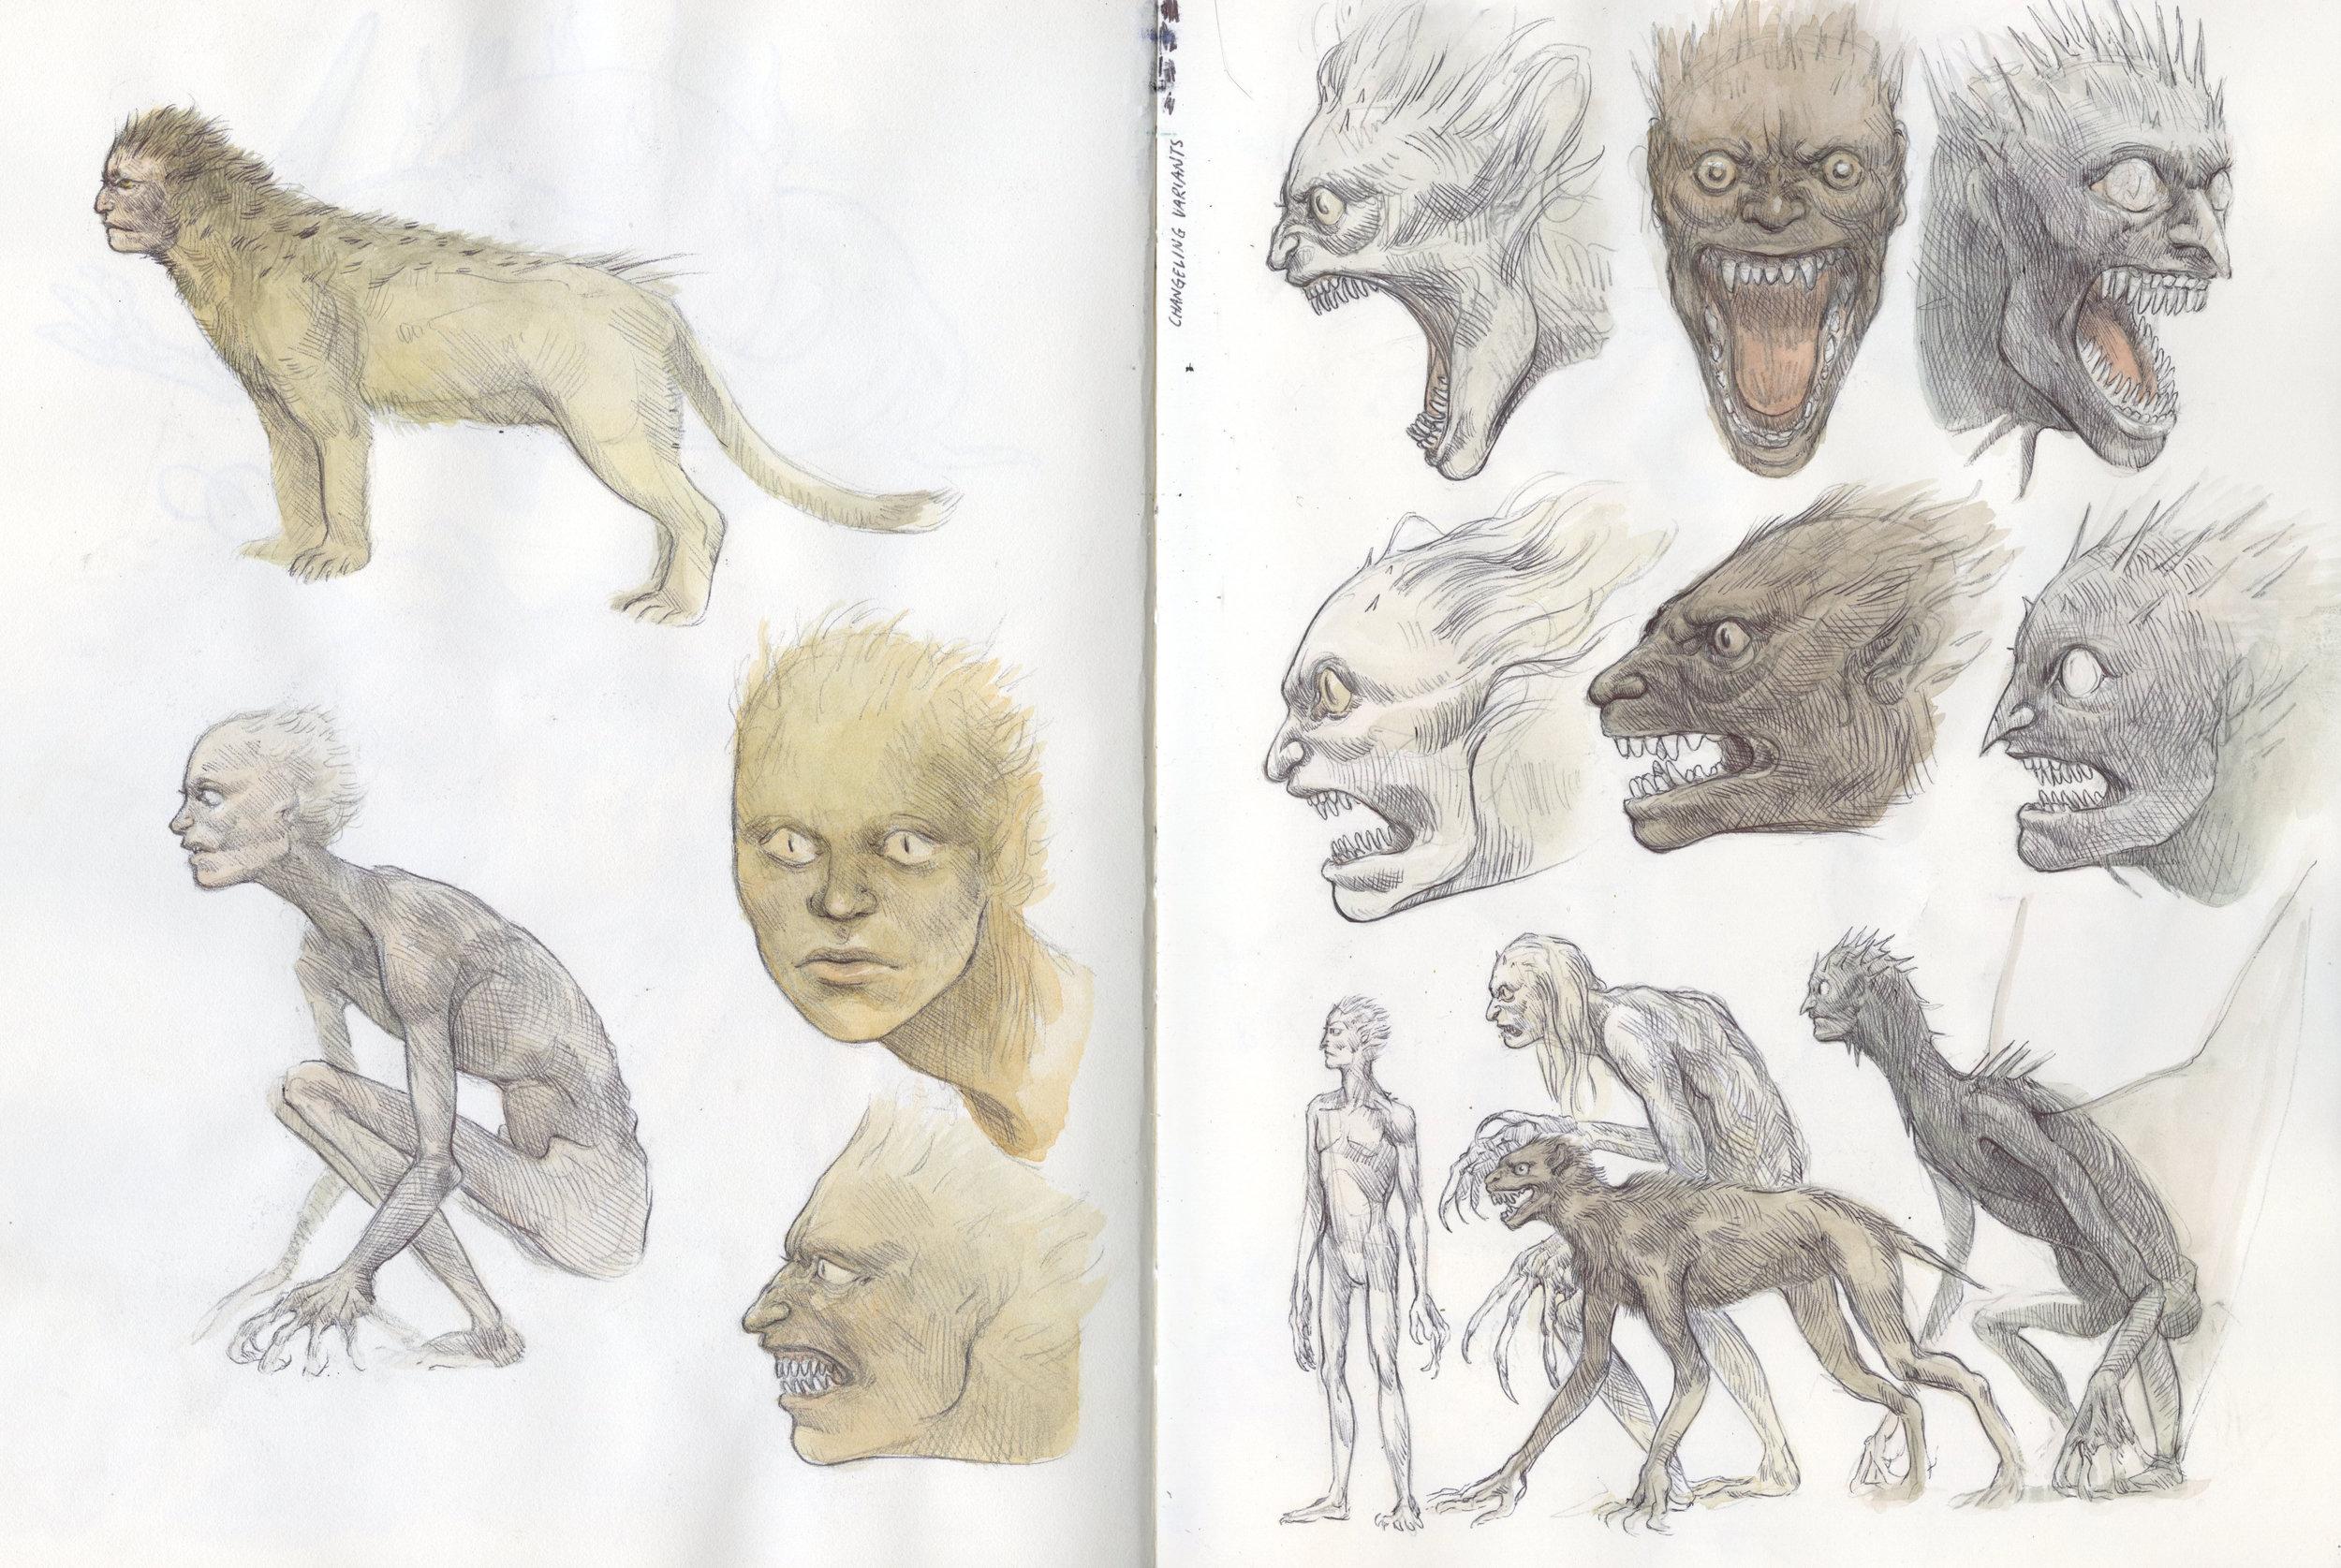 sketchbook_2018_20180507_0019.jpg